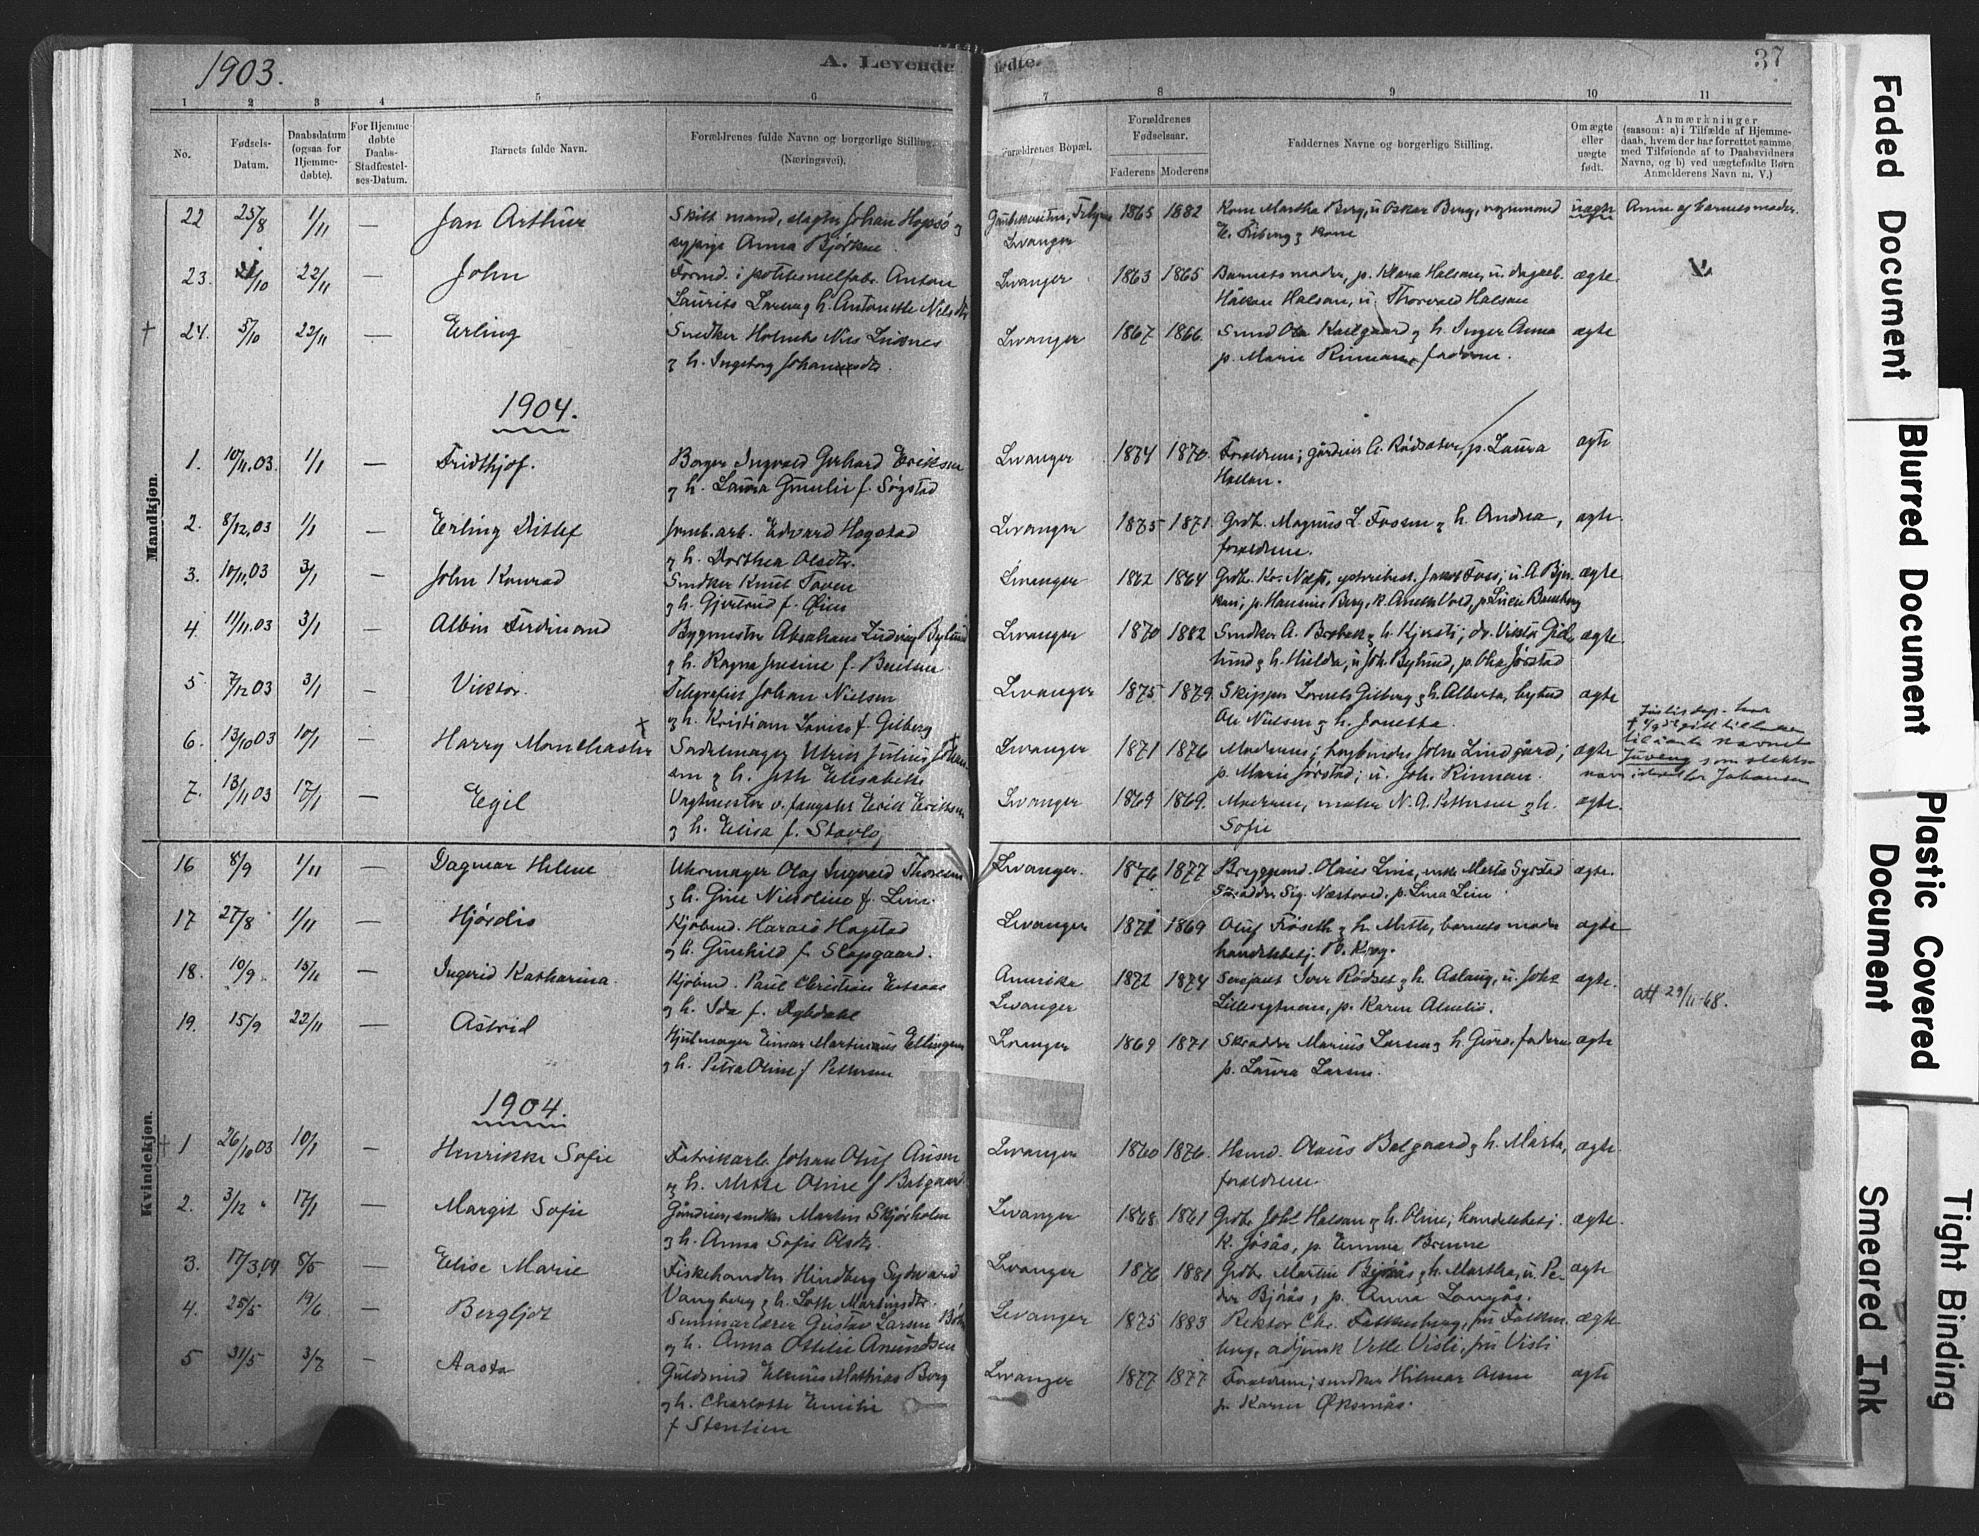 SAT, Ministerialprotokoller, klokkerbøker og fødselsregistre - Nord-Trøndelag, 720/L0189: Ministerialbok nr. 720A05, 1880-1911, s. 37